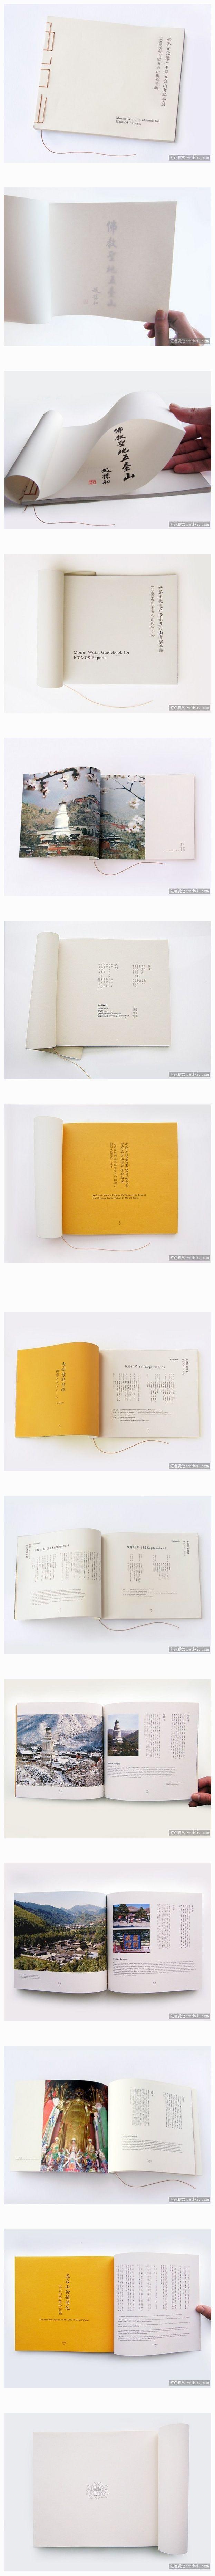 世界文化遗产专家五台山考察手册设计